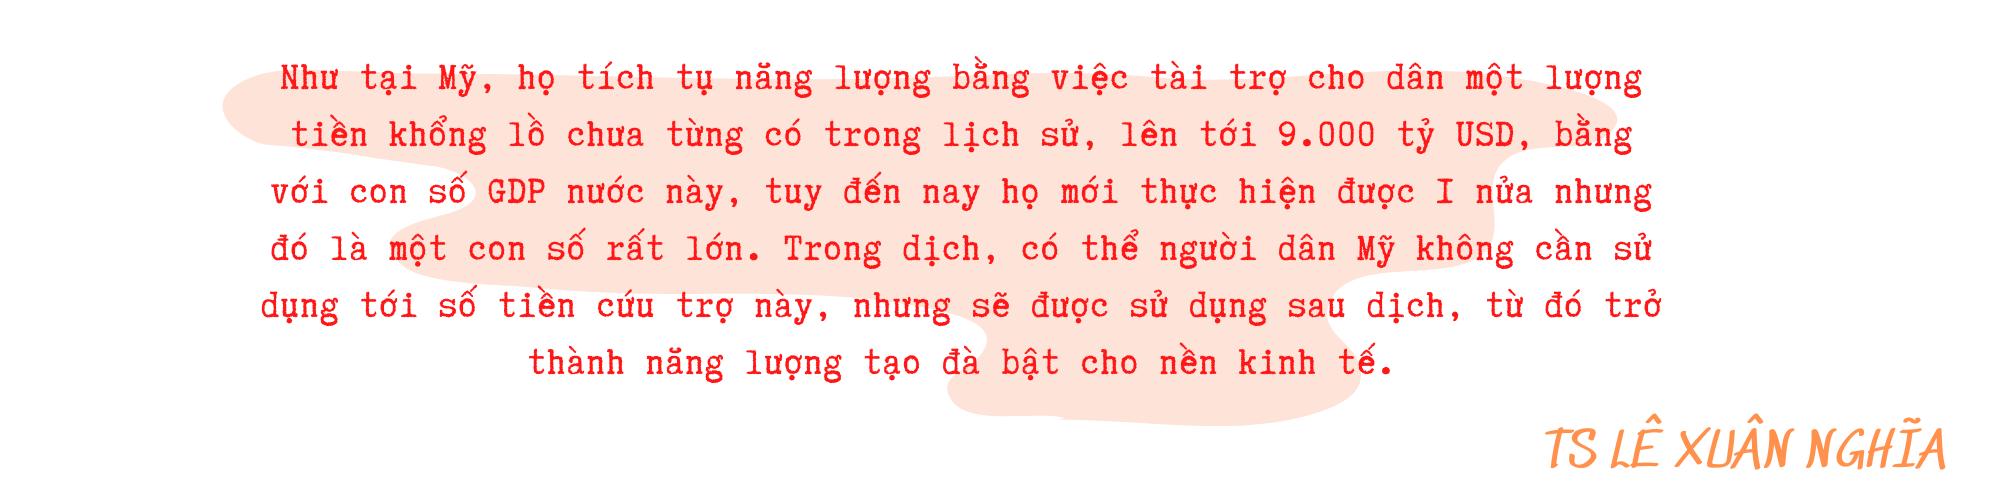 Việt Nam chuẩn bị gì để mở cửa trở lại nền kinh tế sau khi miễn dịch cộng đồng? - Ảnh 11.